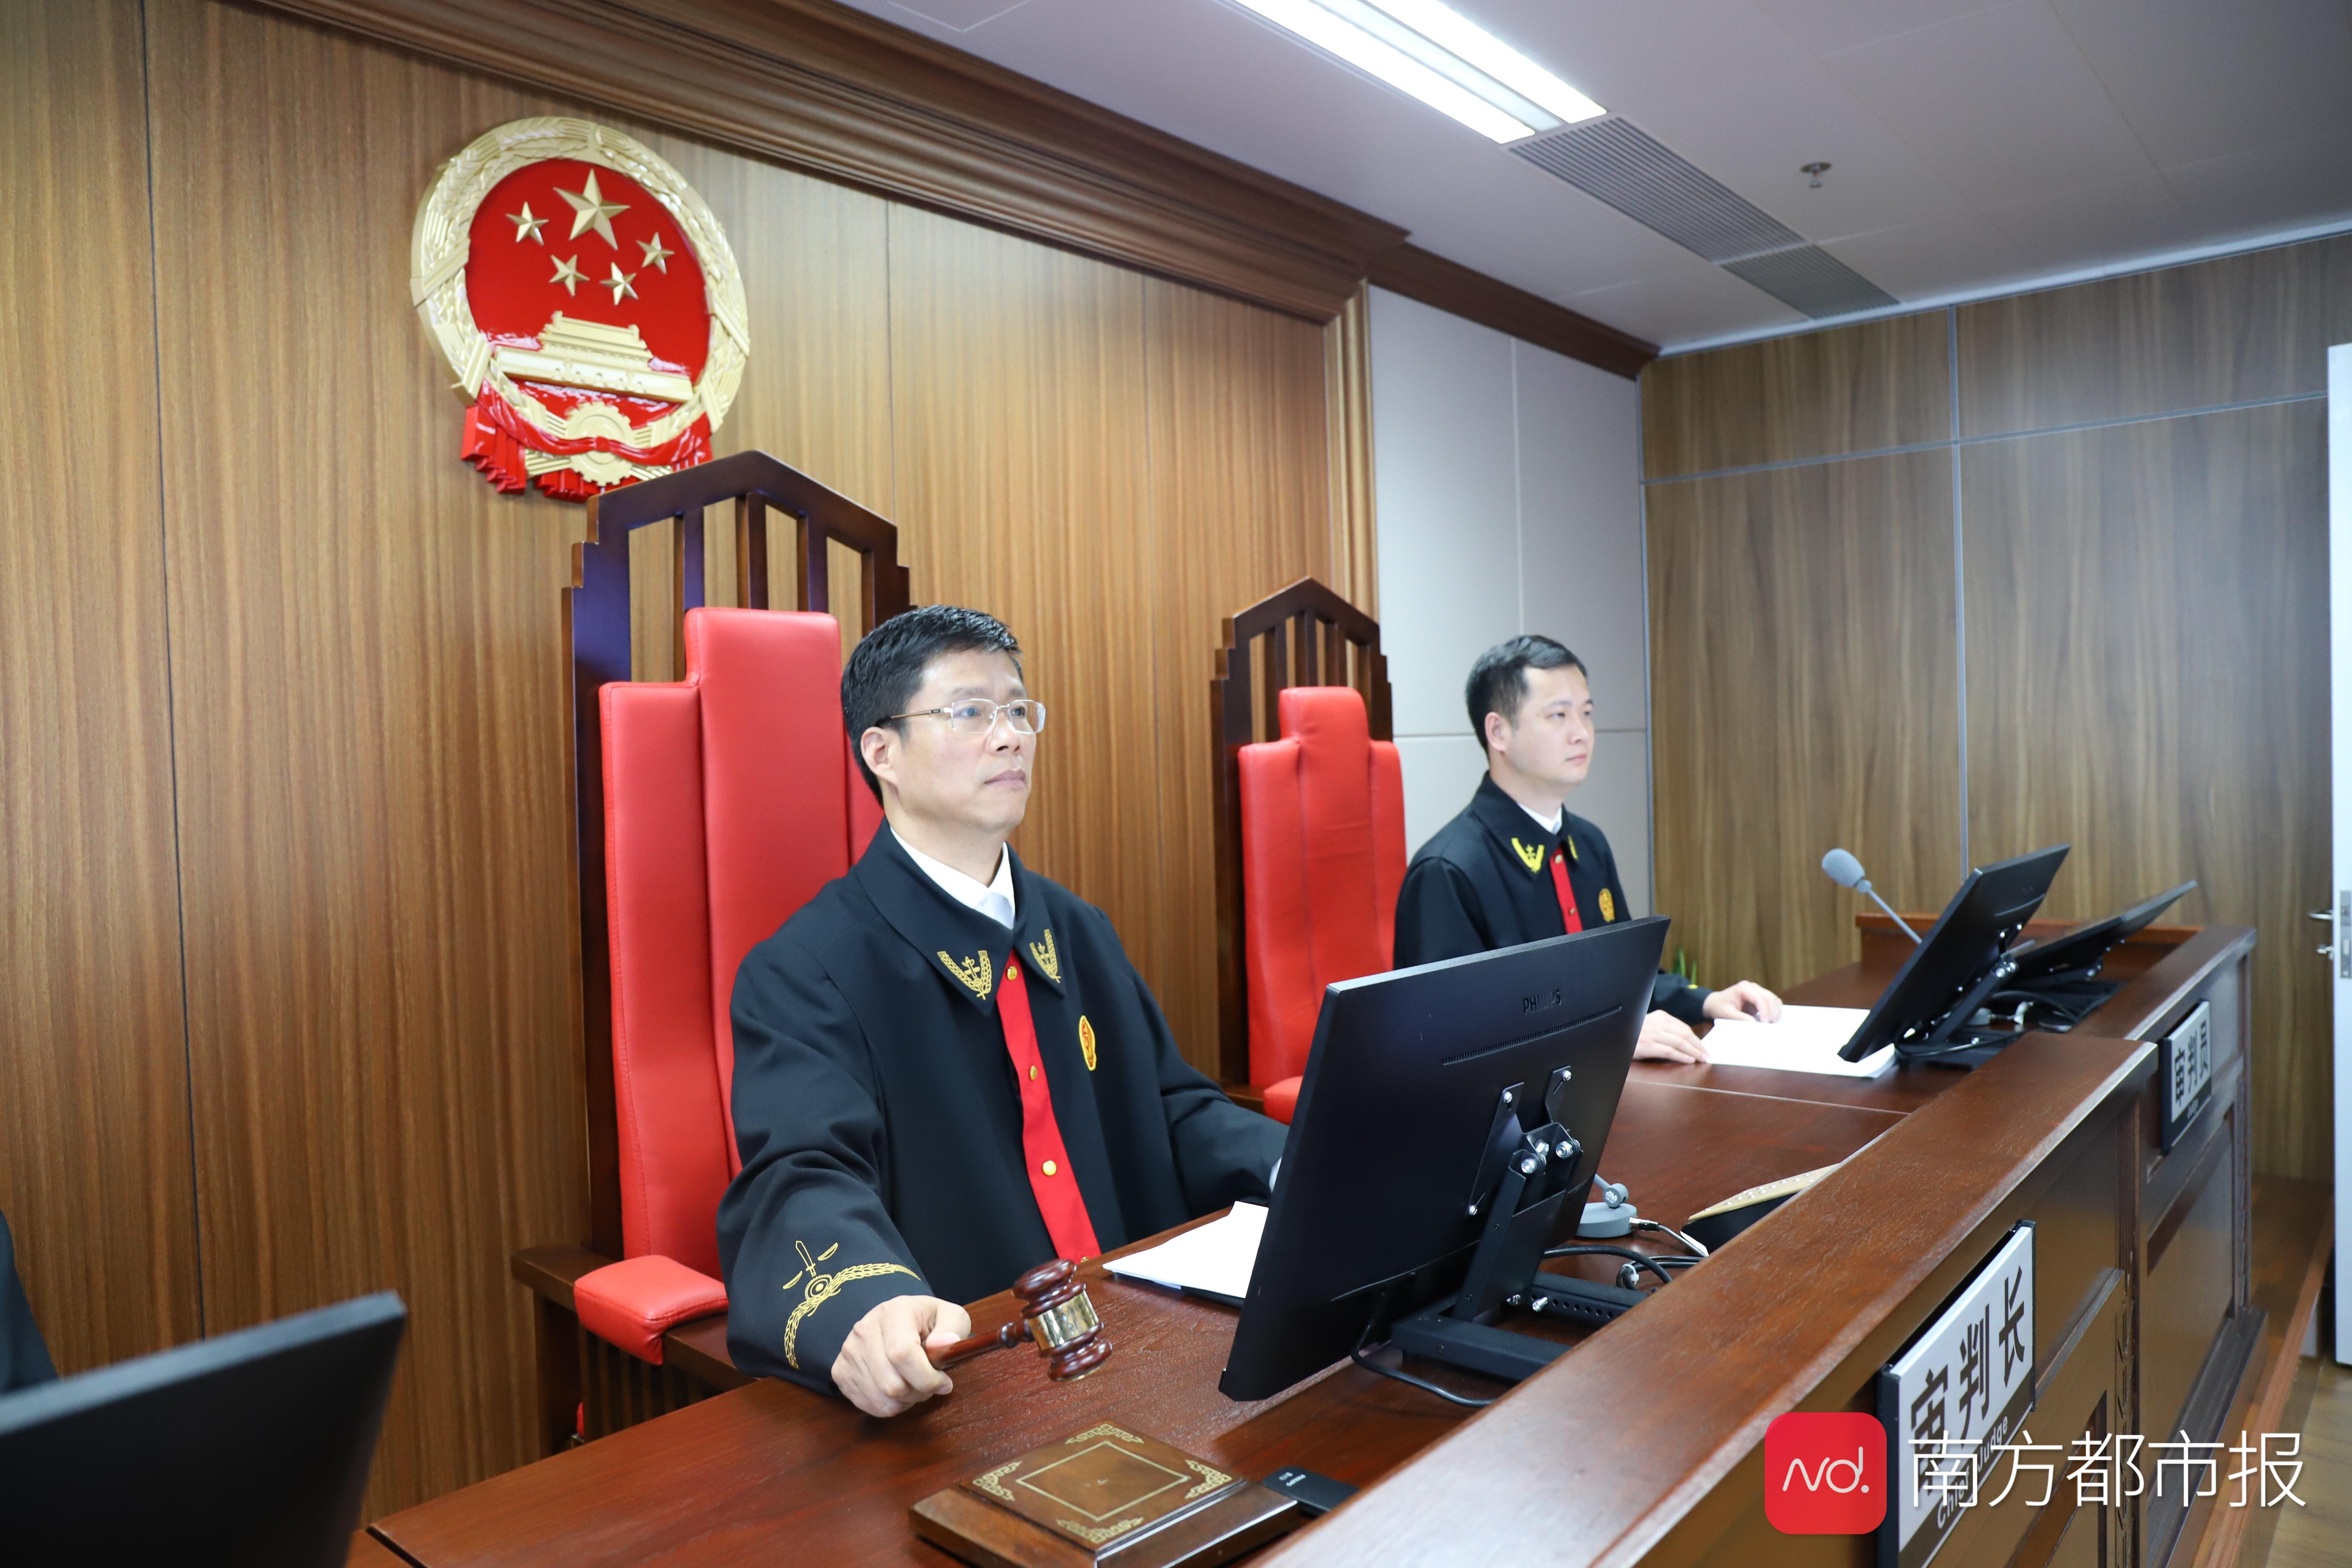 游戏抄袭、搜集差评、蹭明星热度,广州互联网法院公布十大年夜案例